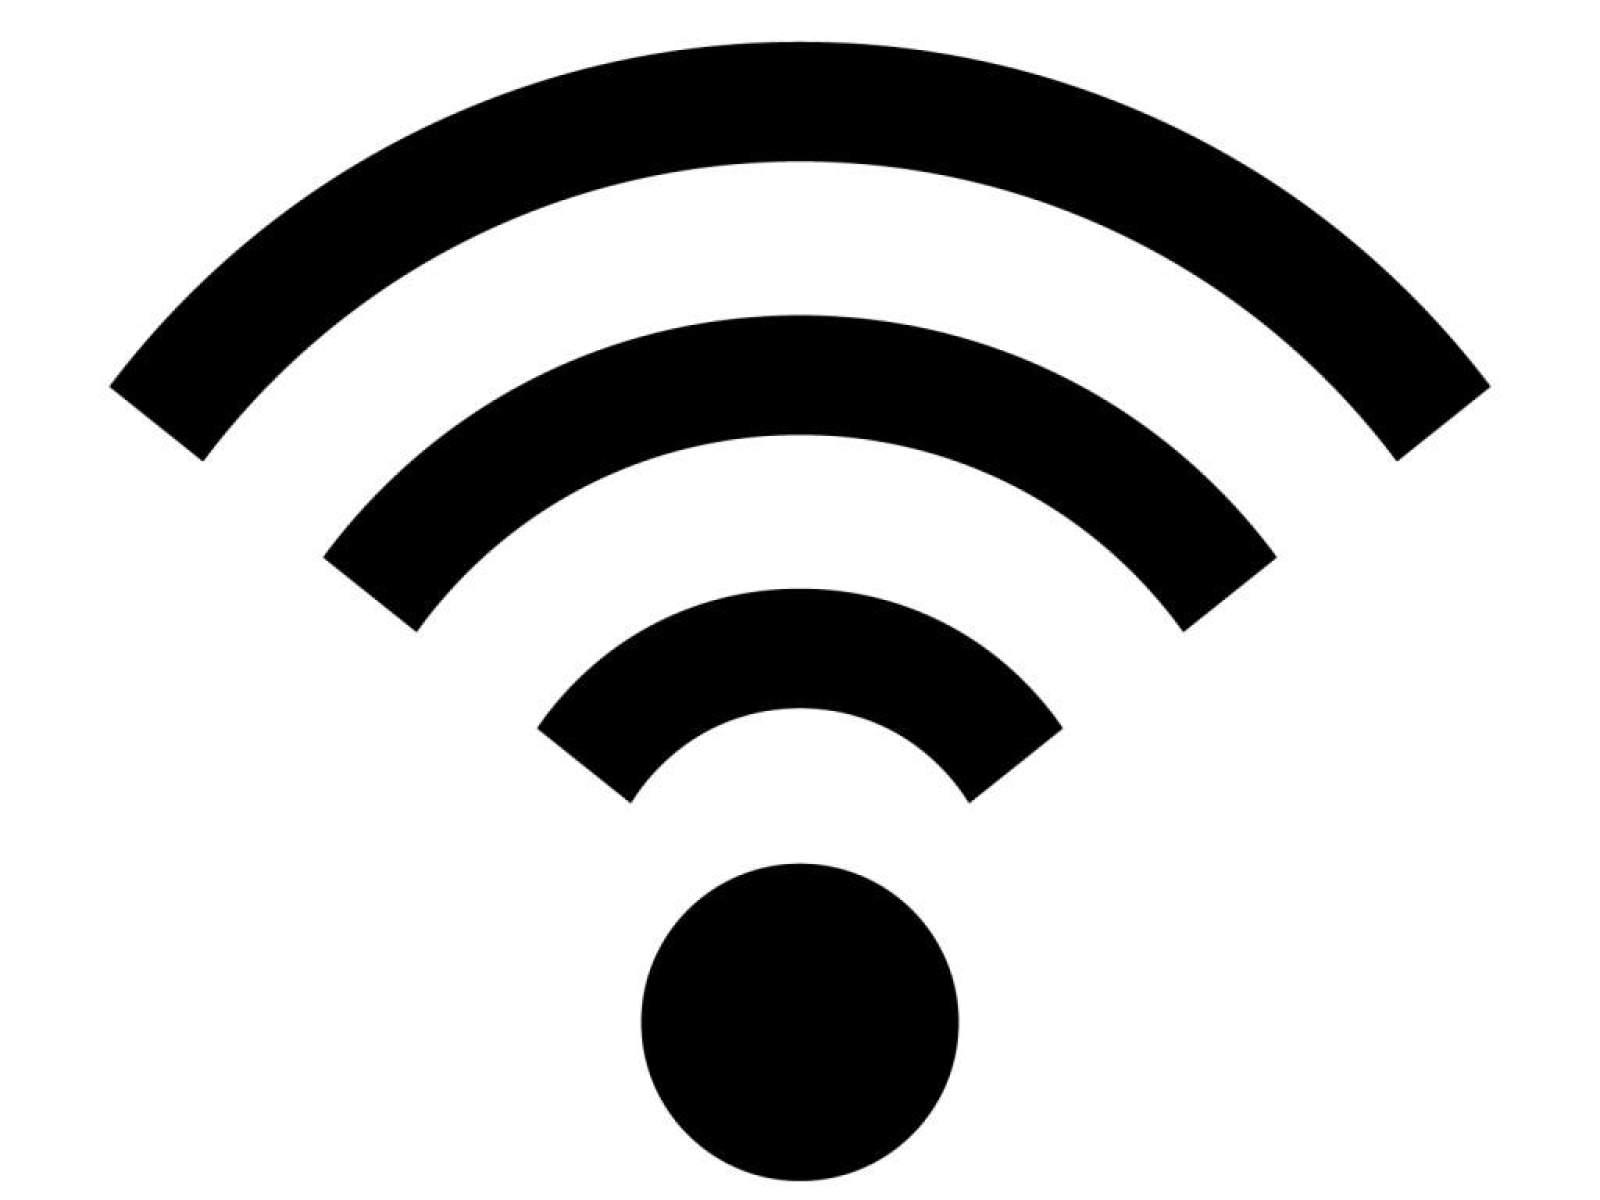 無線LANサービスのロゴ